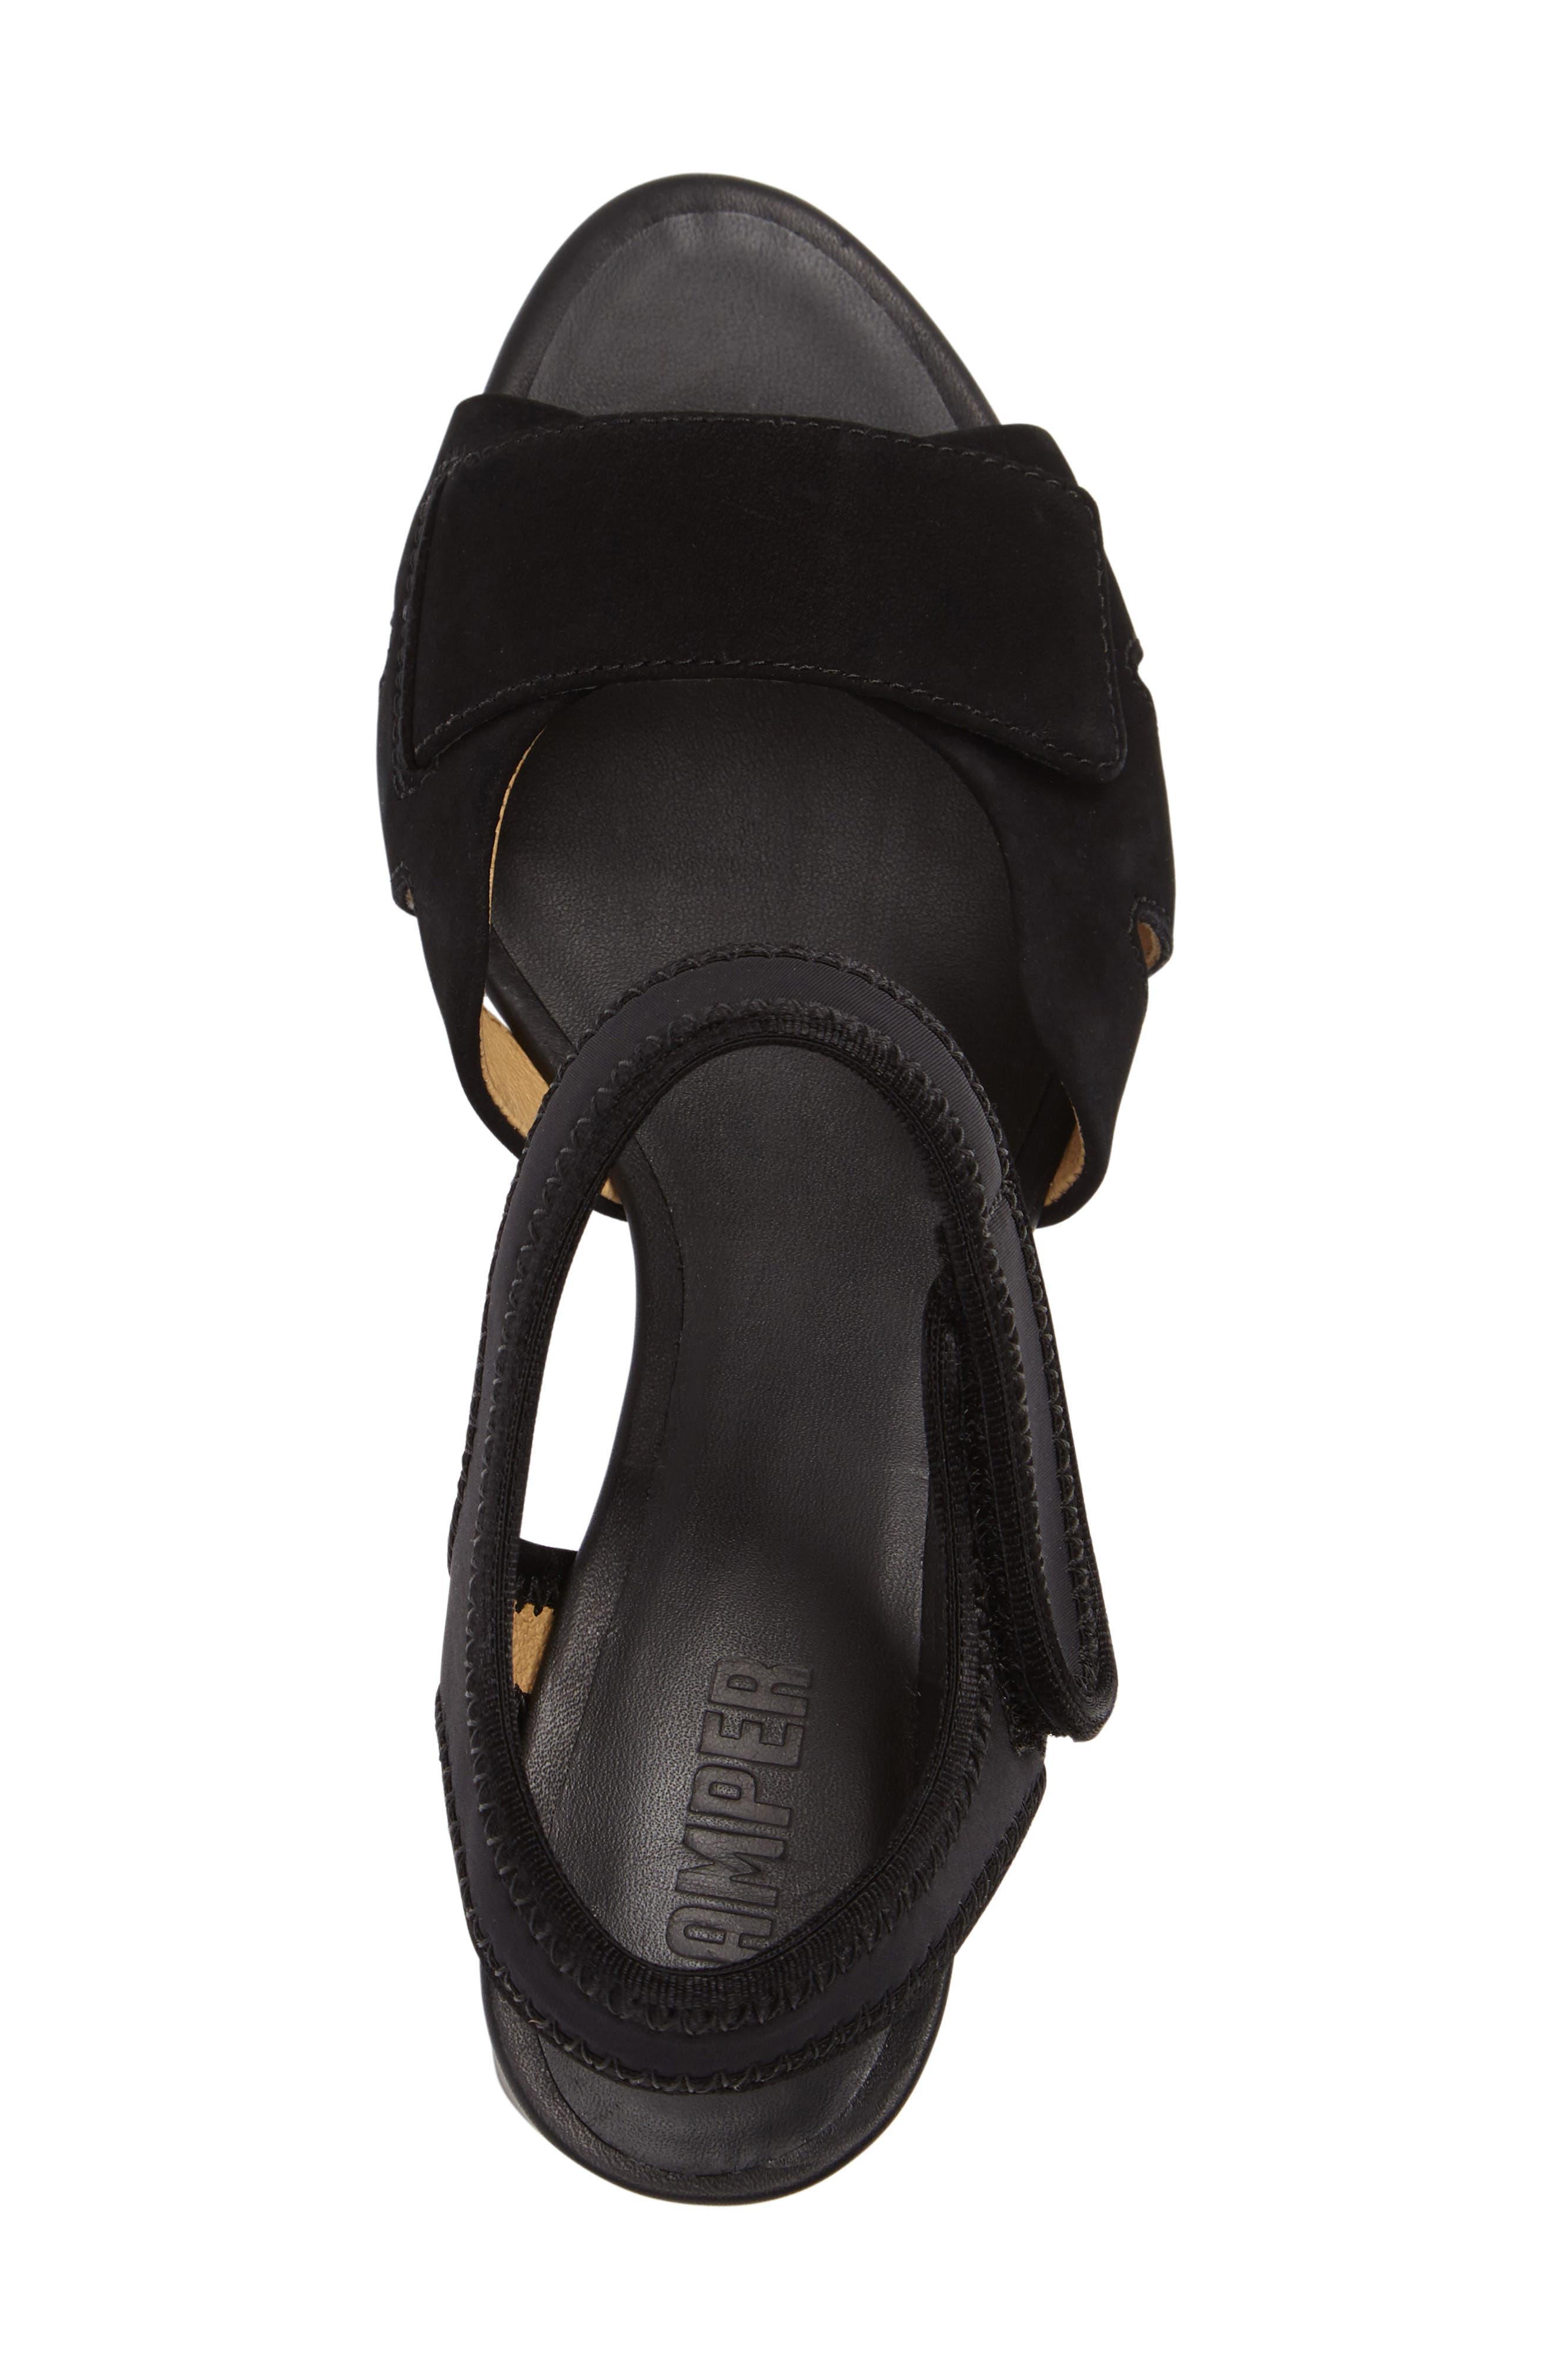 Alternate Image 3  - Camper 'Myriam' Ankle Strap Platform Sandal (Women)